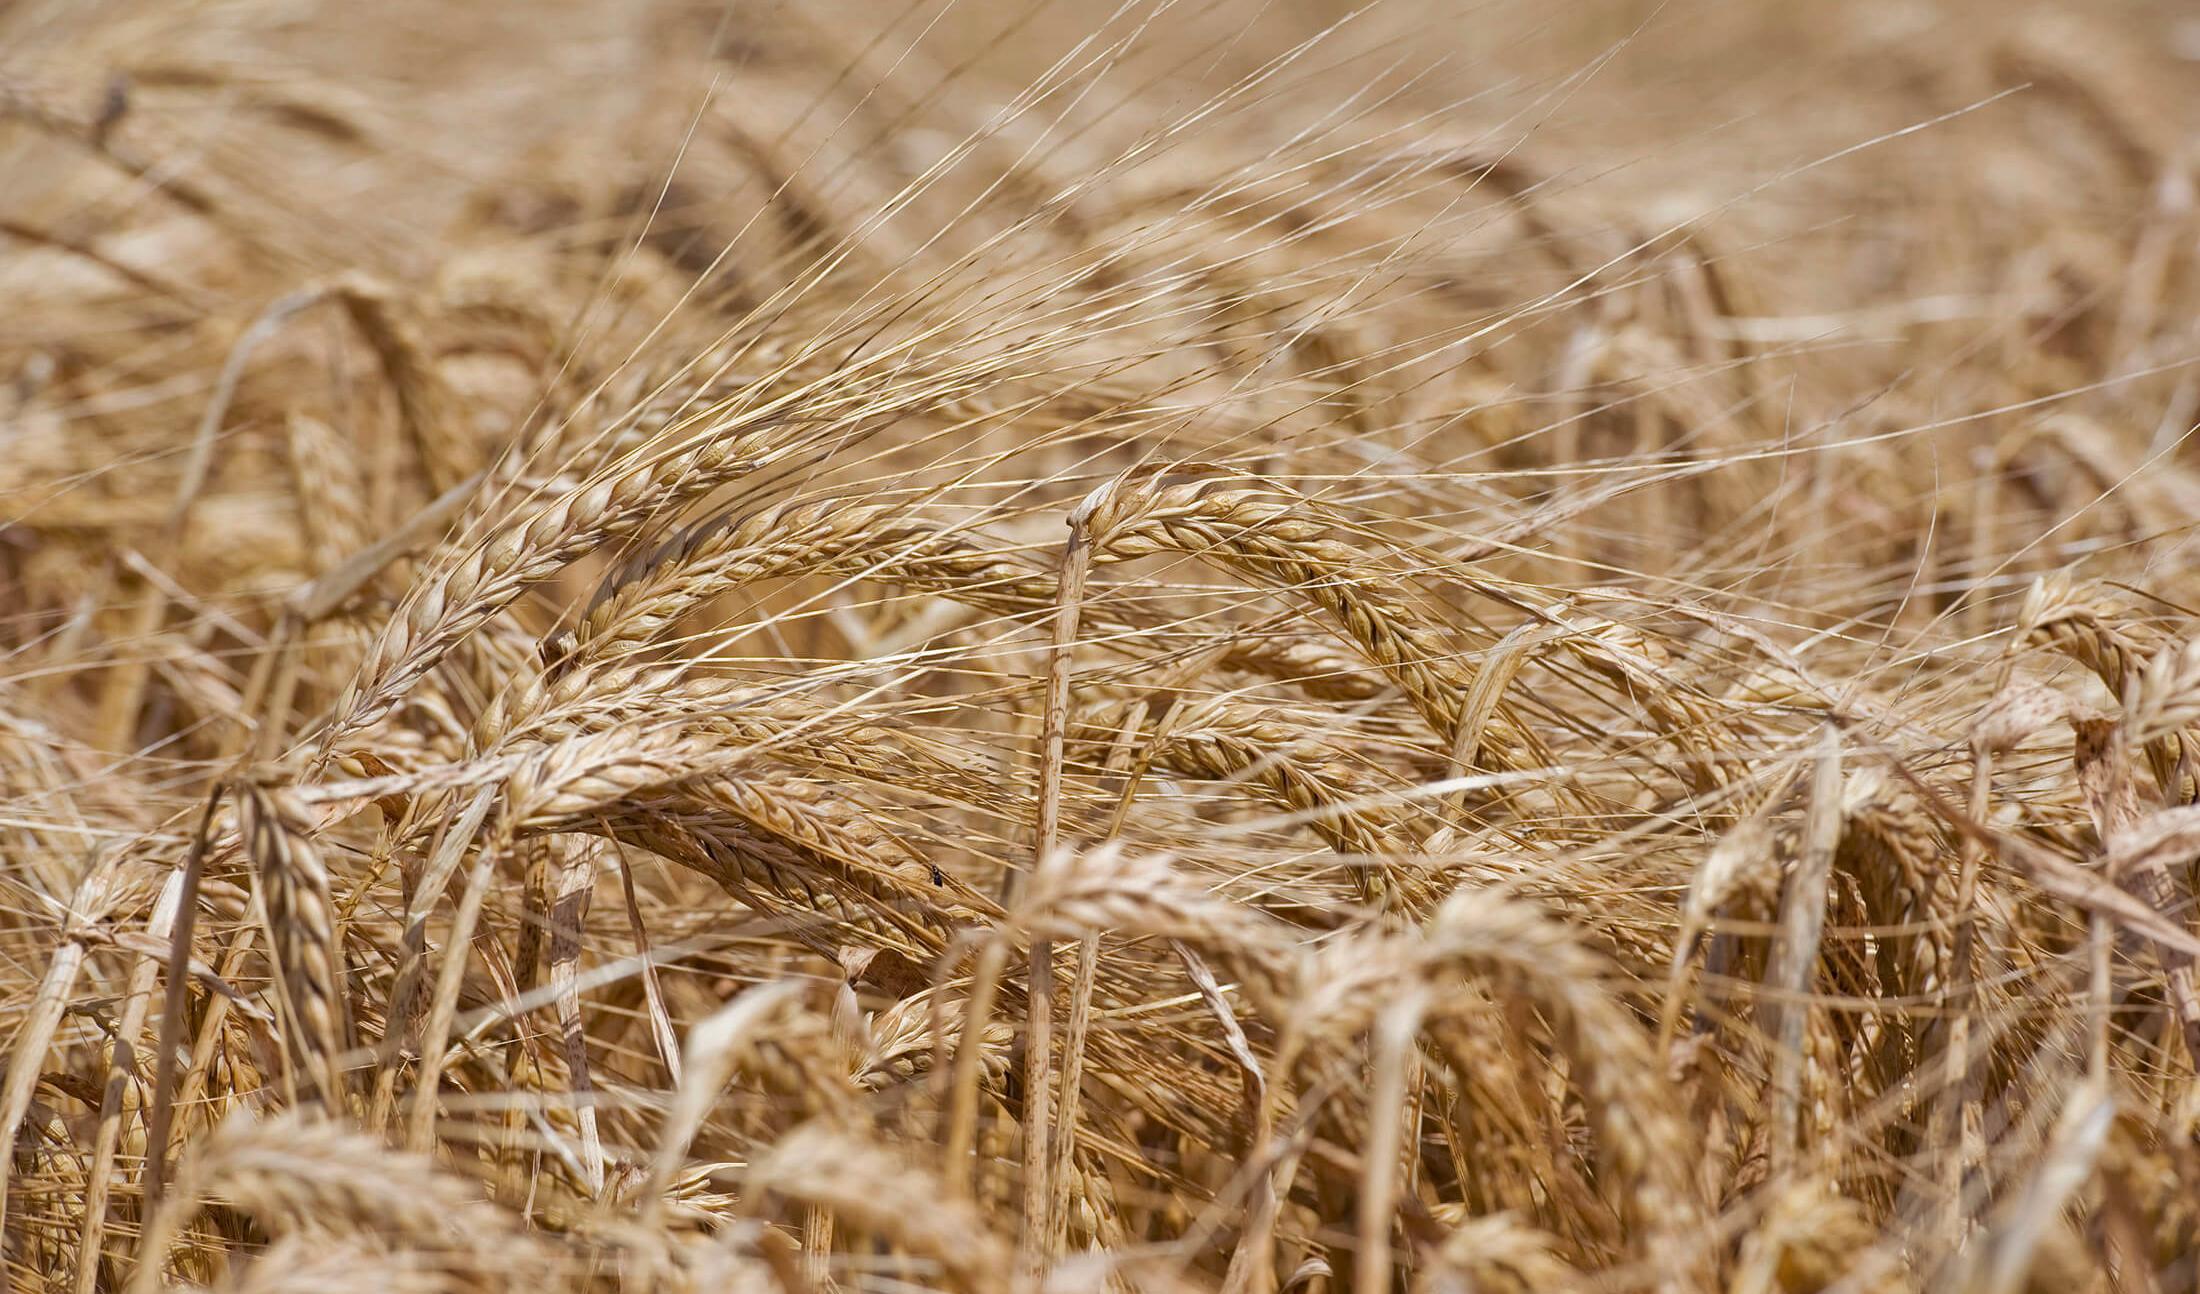 سطح زیر کشت گندم به بیش از ۶ میلیون هکتار میرسد/اصلاح قیمت خرید تضمینی راهی برای کاهش واردات